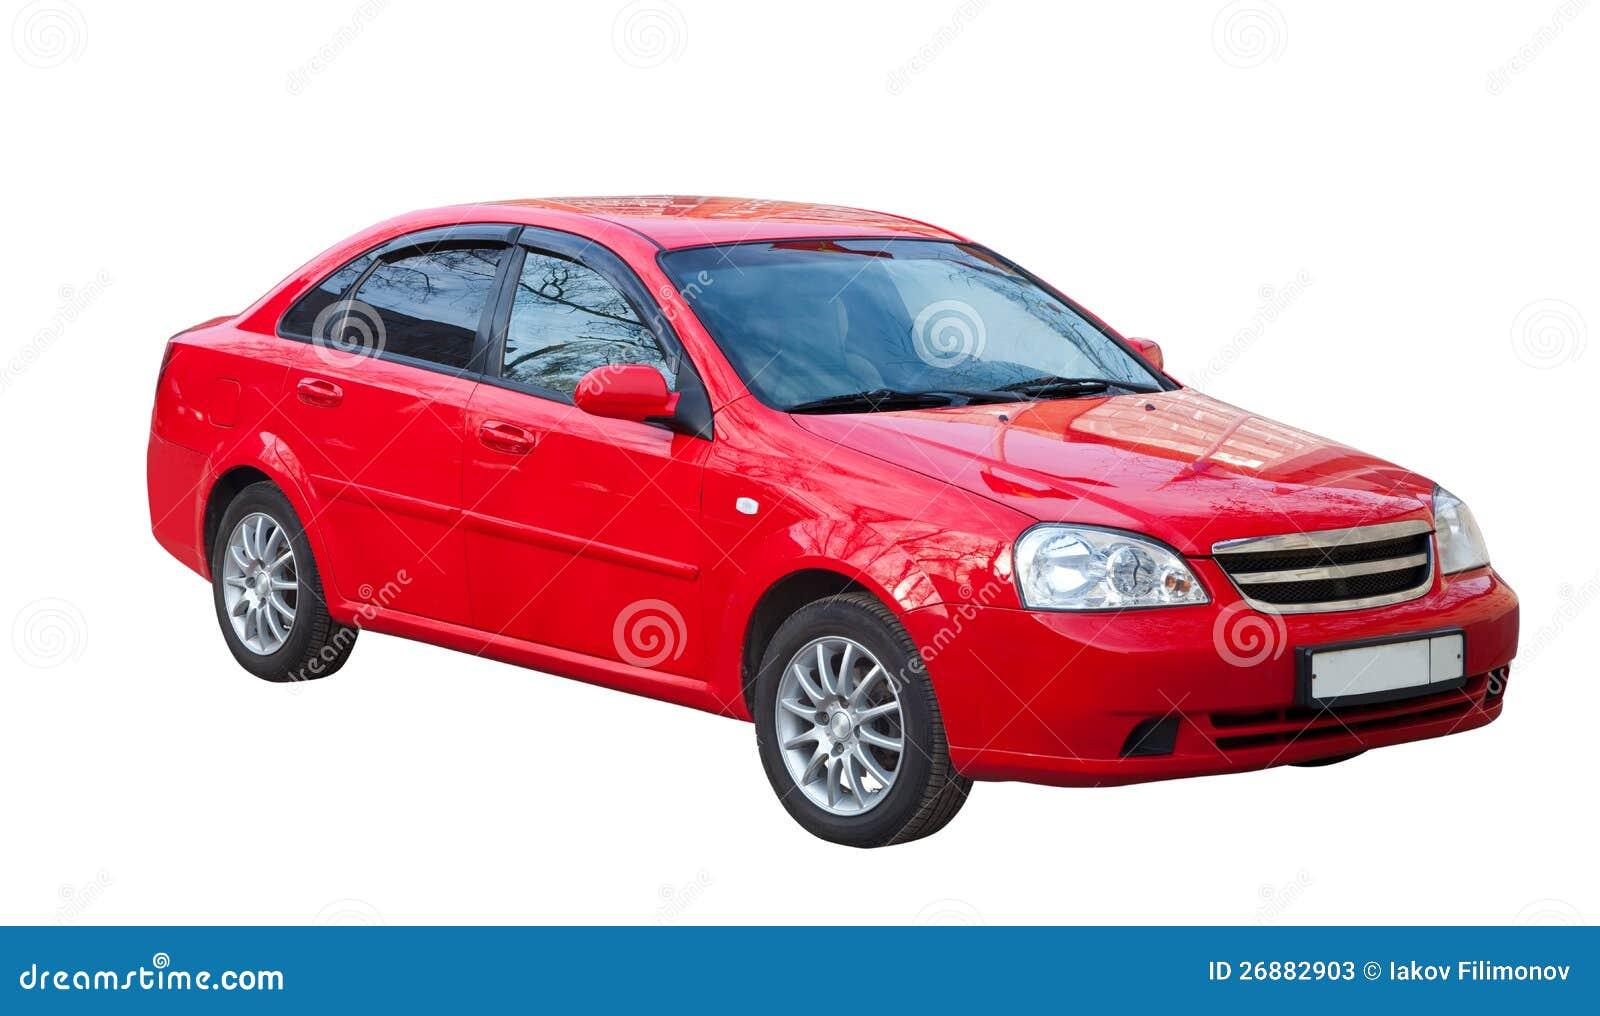 Carro vermelho no branco. Isolado sobre o branco